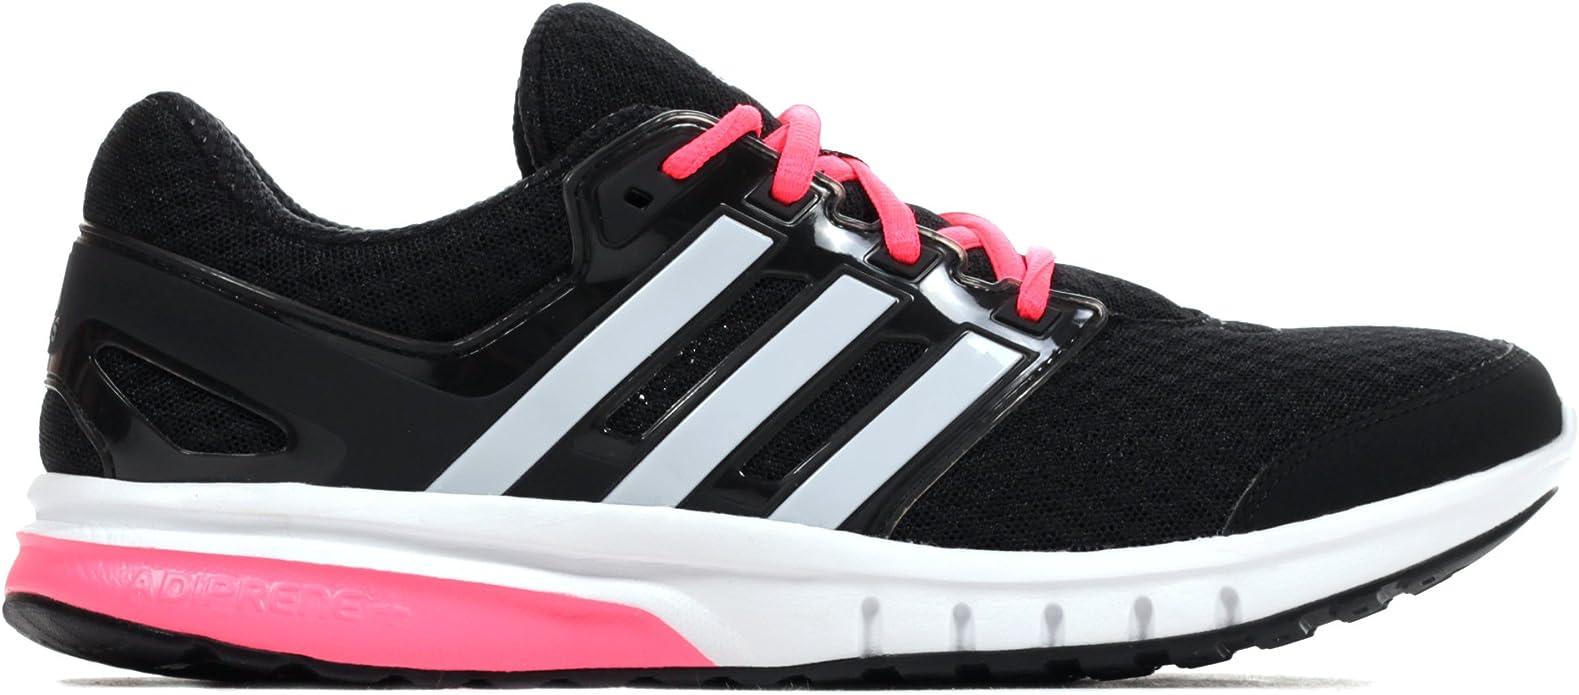 adidas Galaxy Elite 2 F Negro Rosa, (Negro), 42 2/3: Amazon.es: Zapatos y complementos